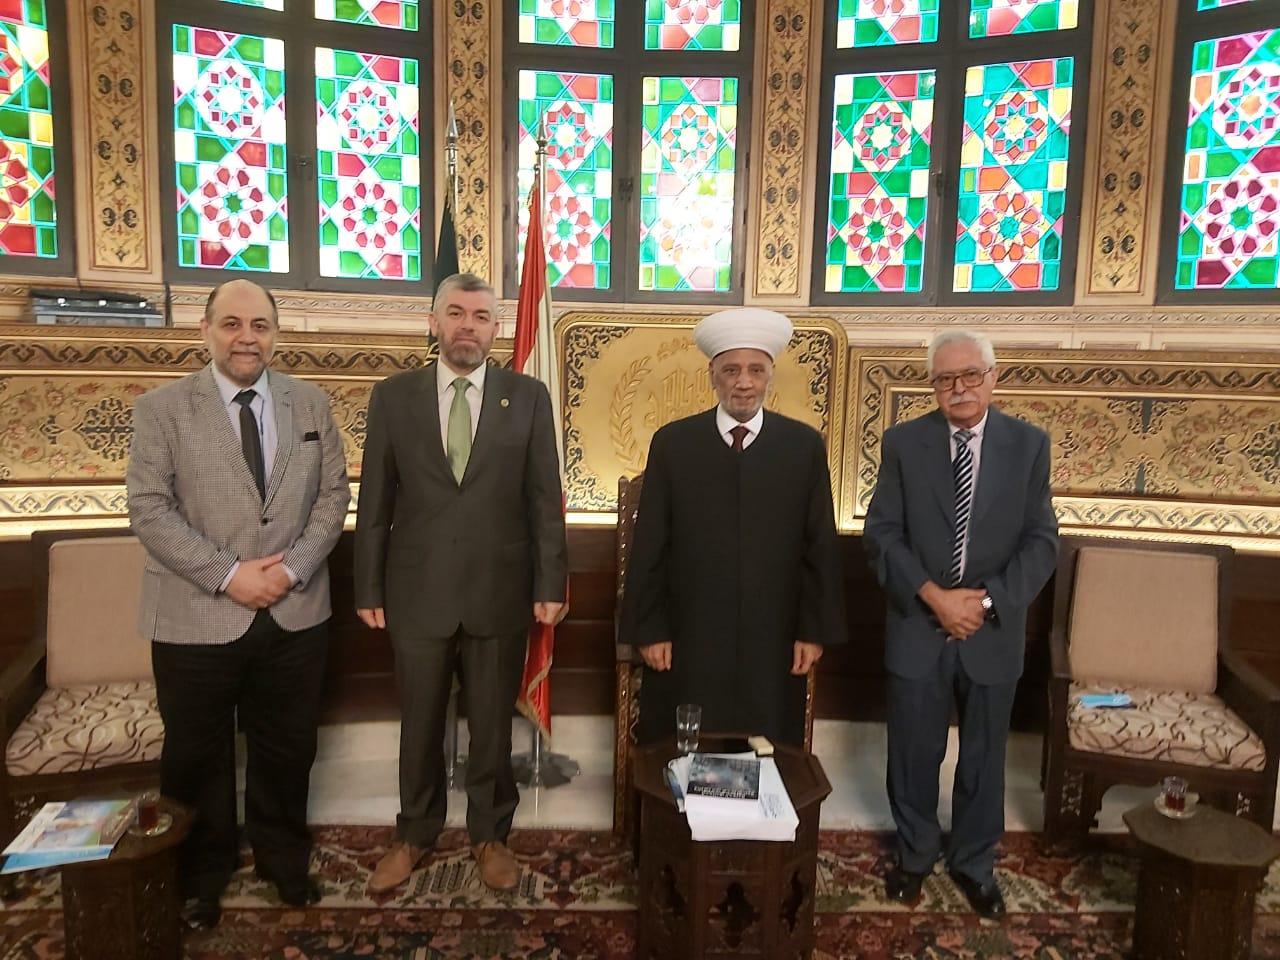 وفد جامعة طرابلس في زيارة مفتي الجمهورية اللبنانية  (4/5)